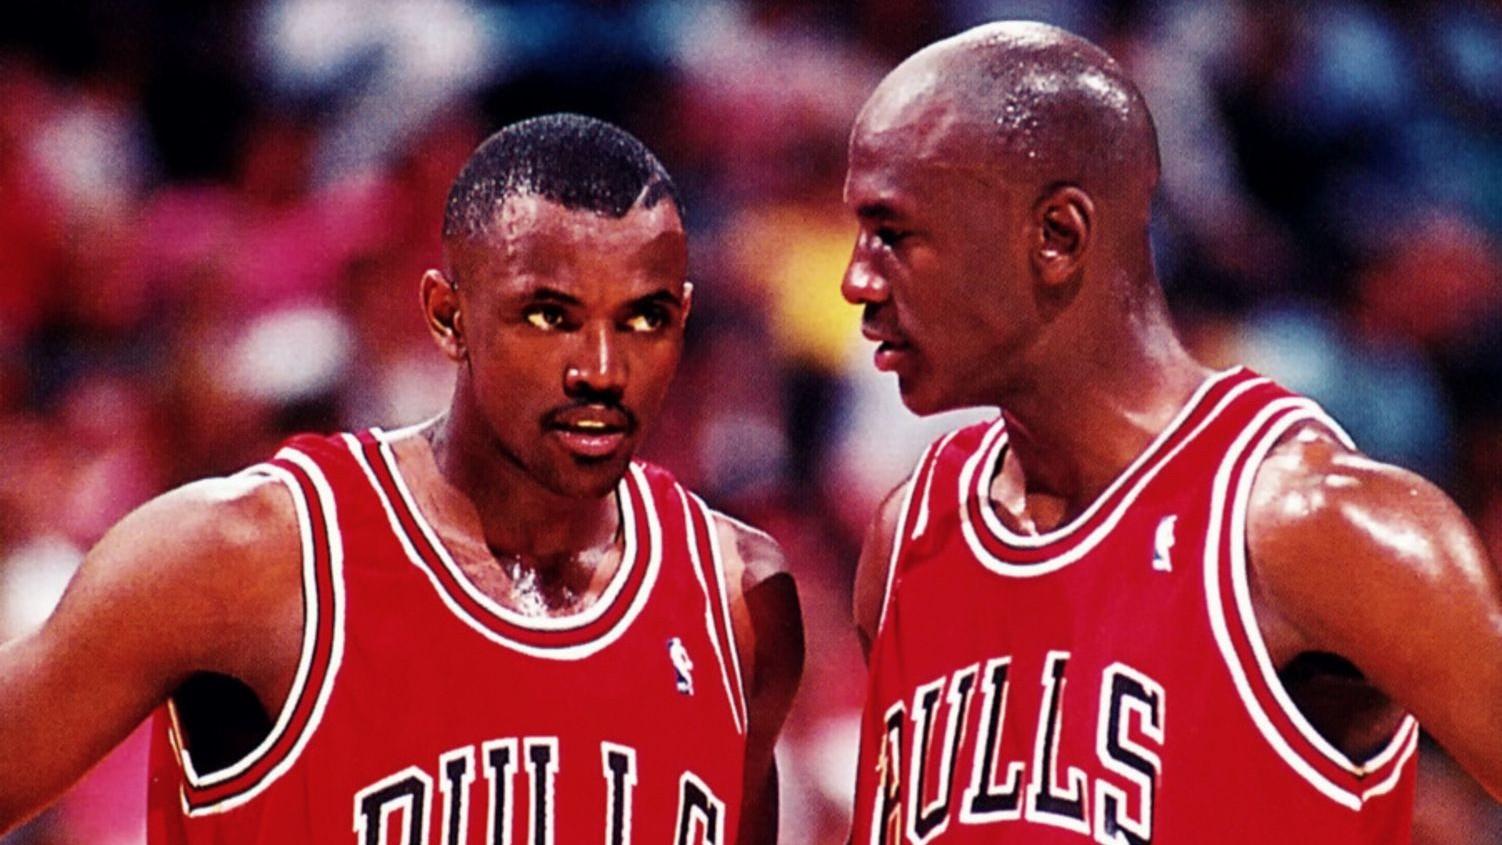 Craig Hodges, junto a Michael Jordan, en un encuentro de los Bulls.